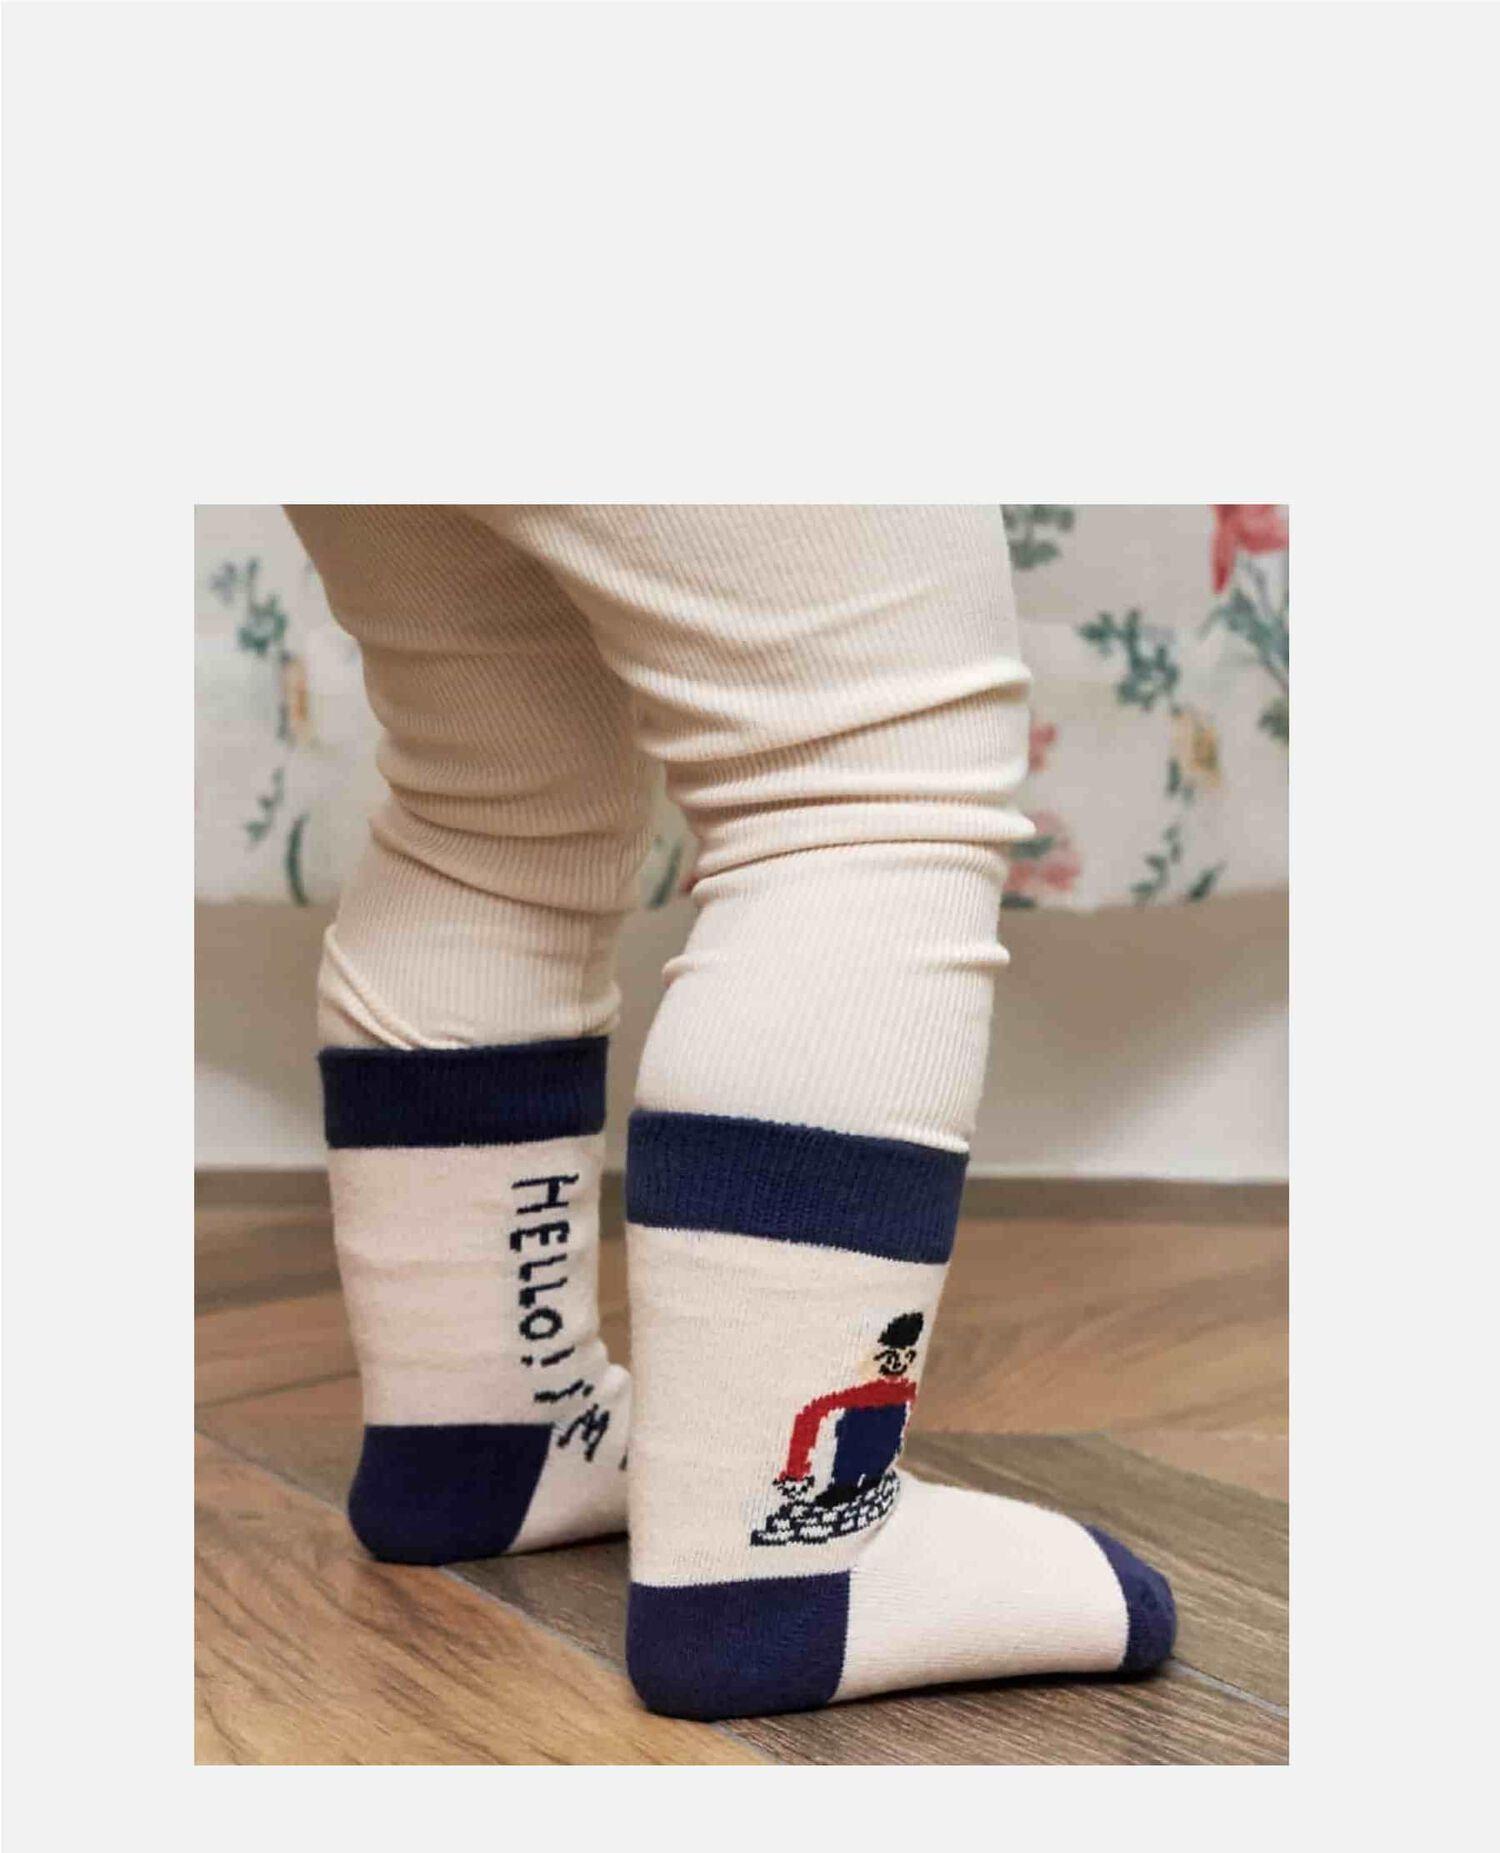 Mogu Takahashi 大人ユニセックス×ベビー靴下セット